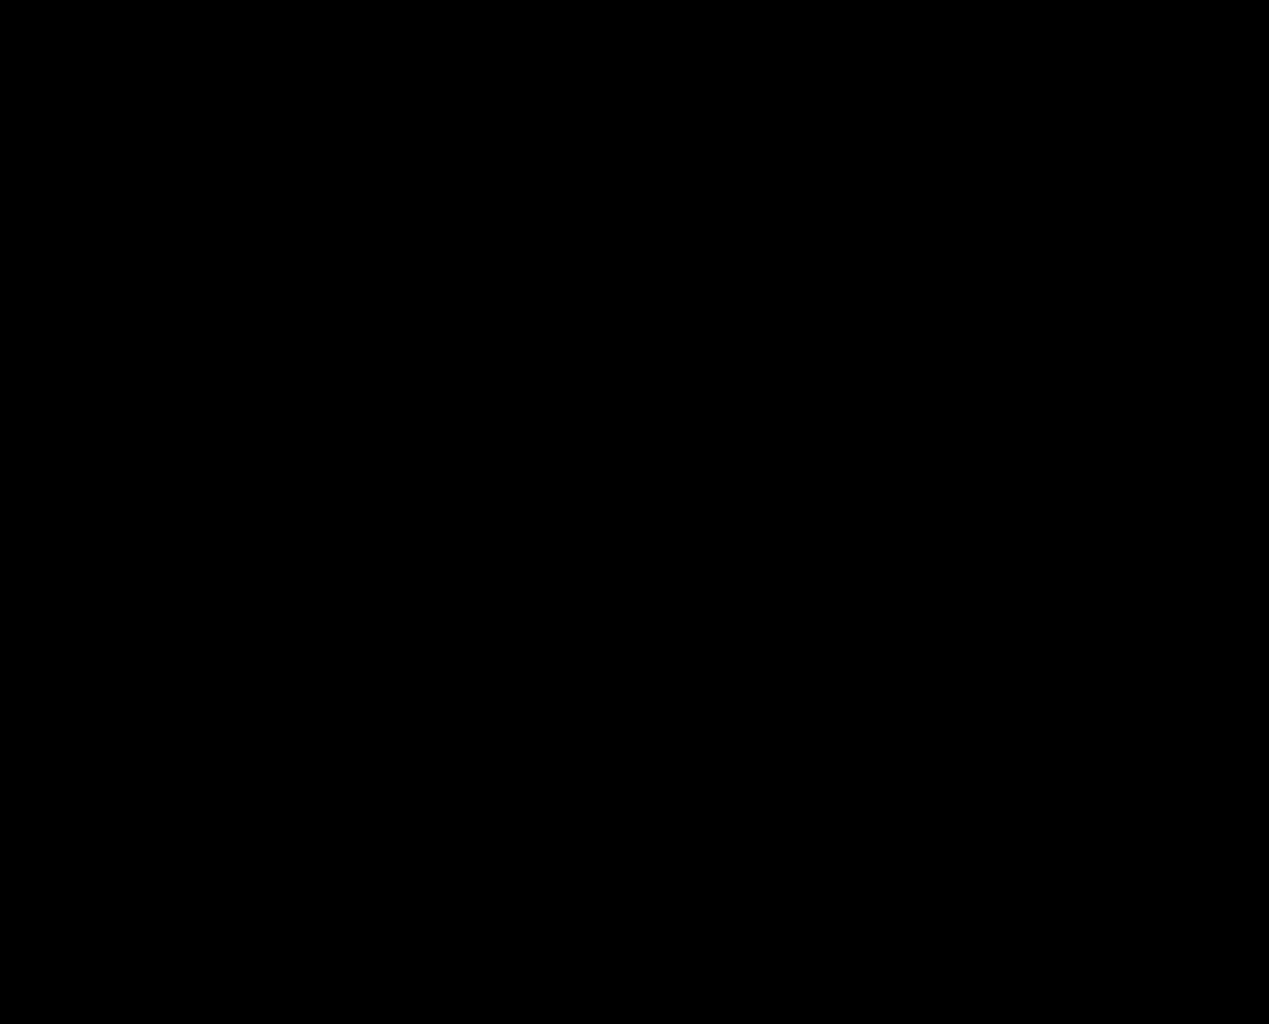 Univison-Black.png